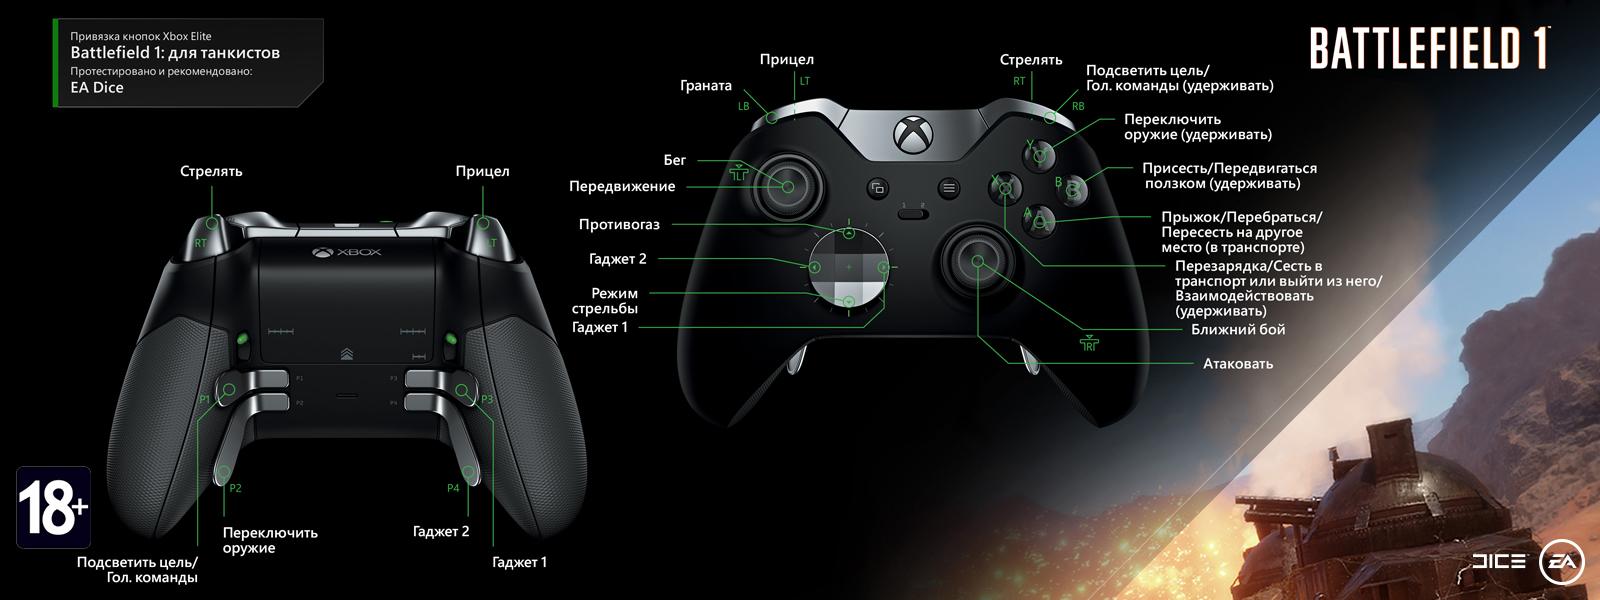 Battlefield 1 — раскладка для танкистов под геймпад Elite